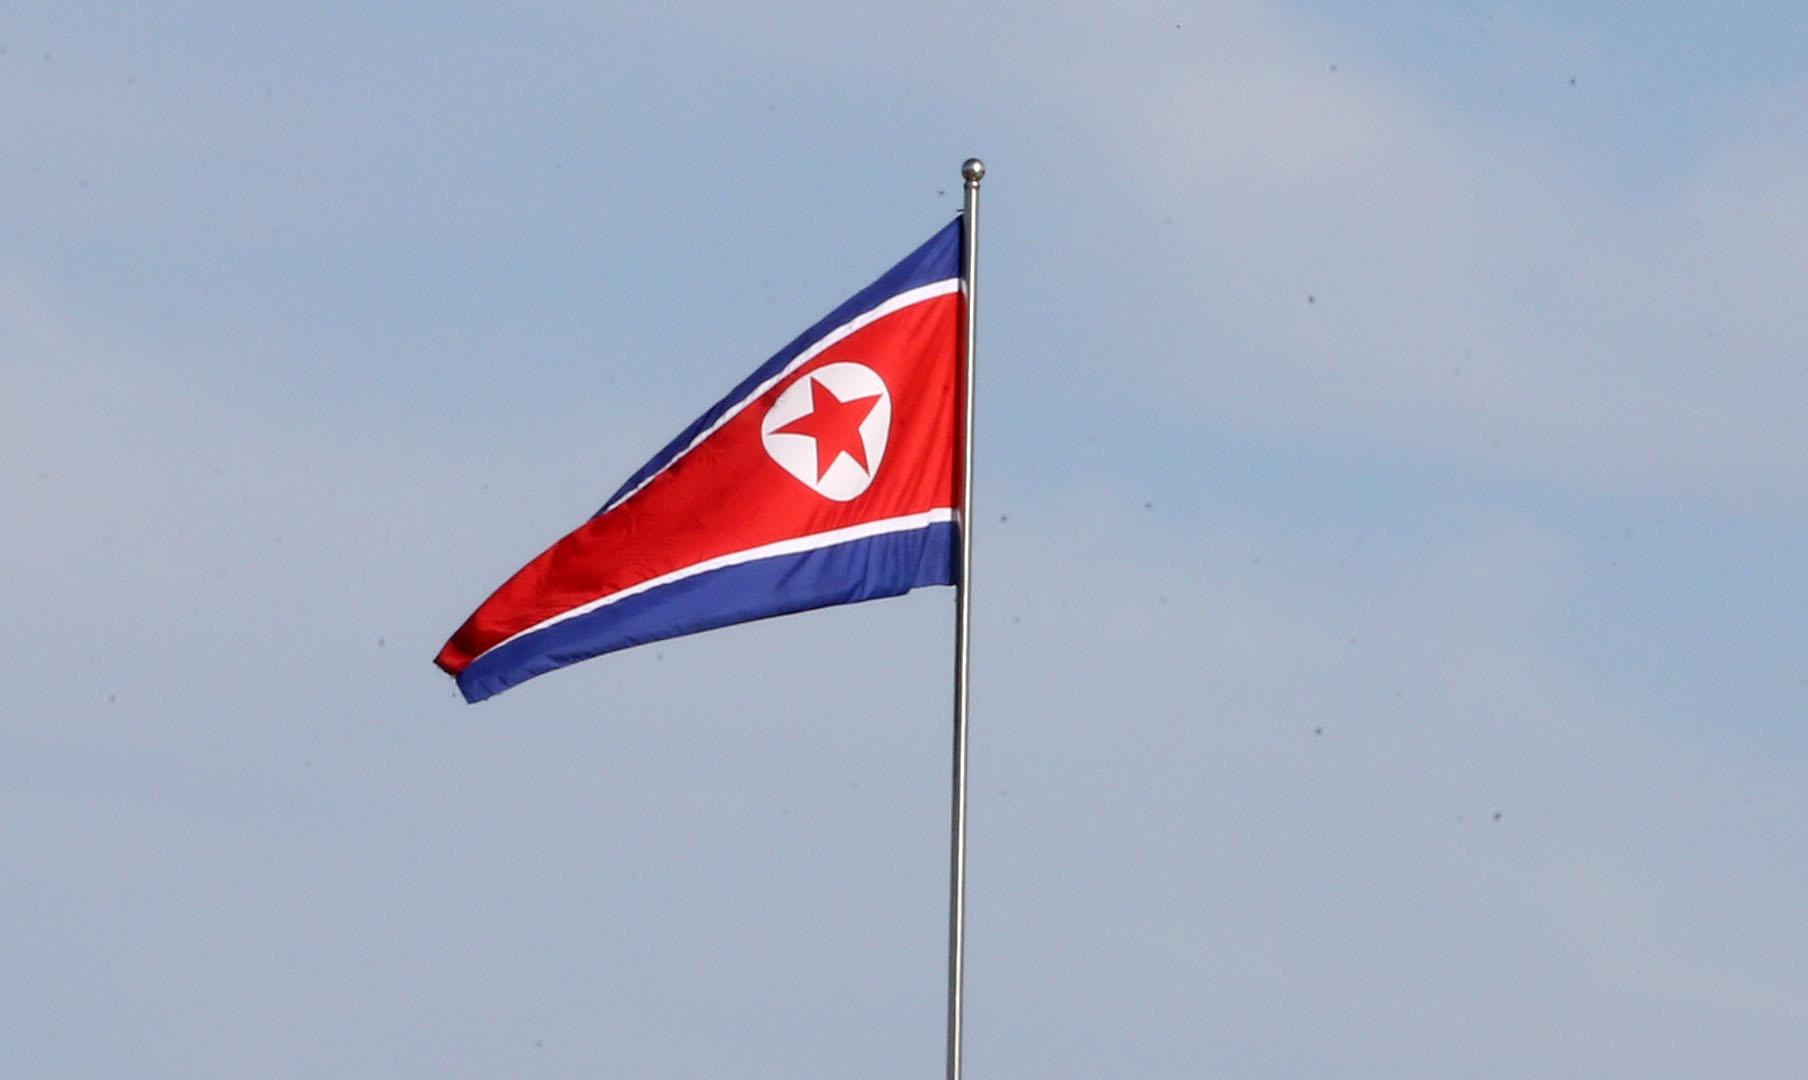 """북한이 유엔총회에서 자국을 테러지원국으로 지정한 미국을 겨냥해 '주권국가에 제멋대로 '테러지원국' 딱지를 붙였다""""고 비난했다. 사진은 북한 인공기. 평양사진공동취재단"""